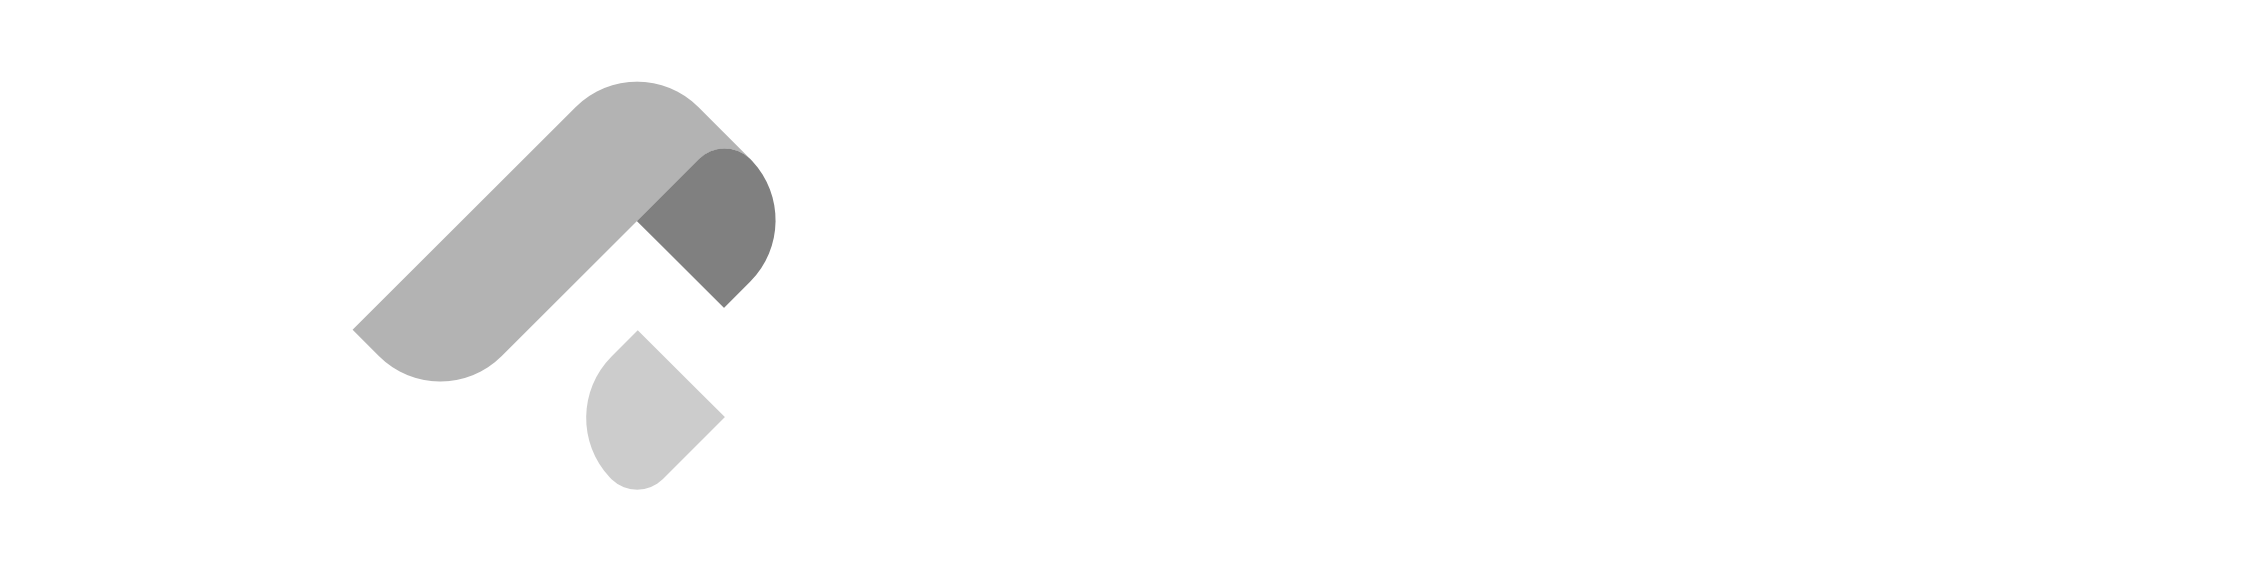 Blog – Zuitt Coding Bootcamp